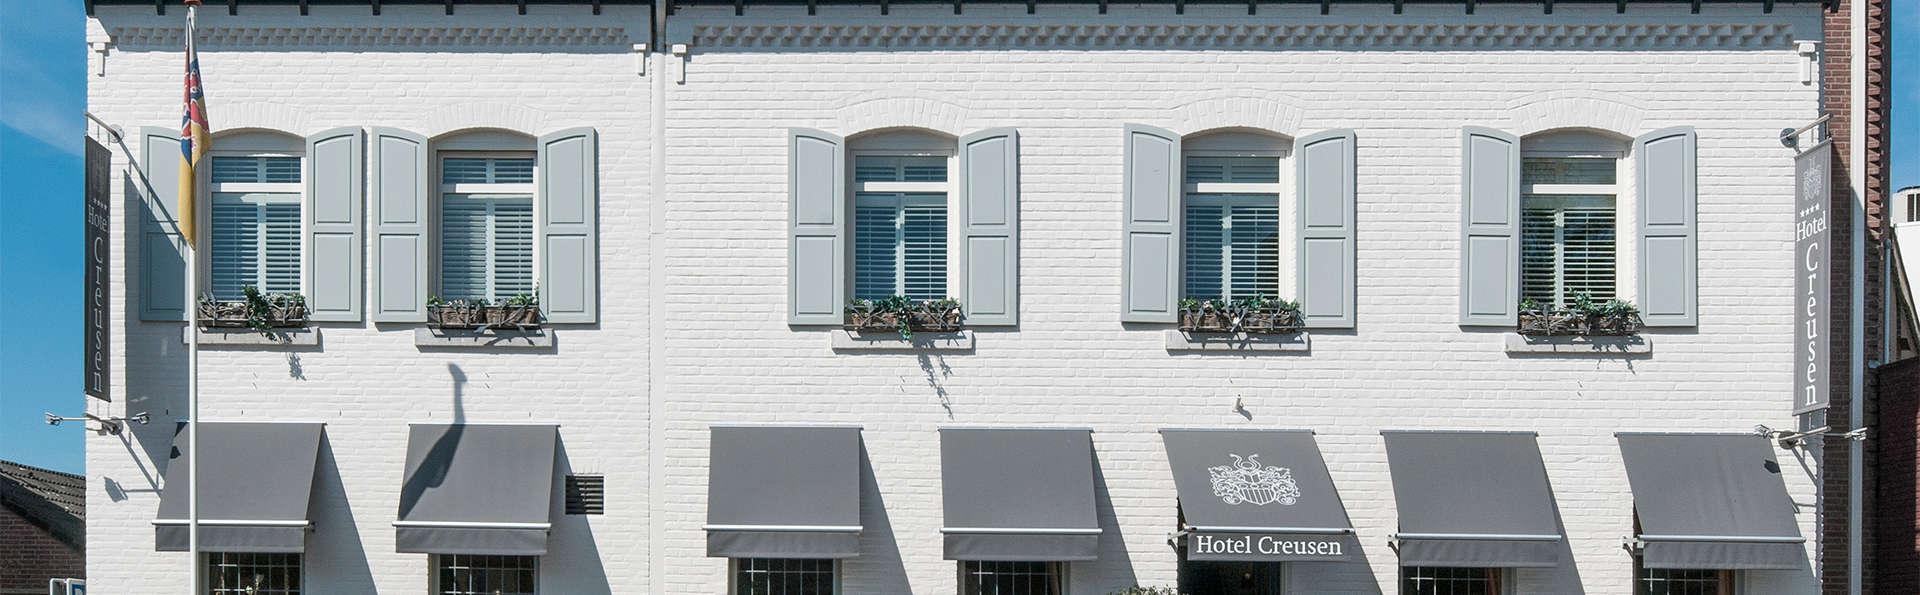 Hotel Creusen - EDIT_front.jpg